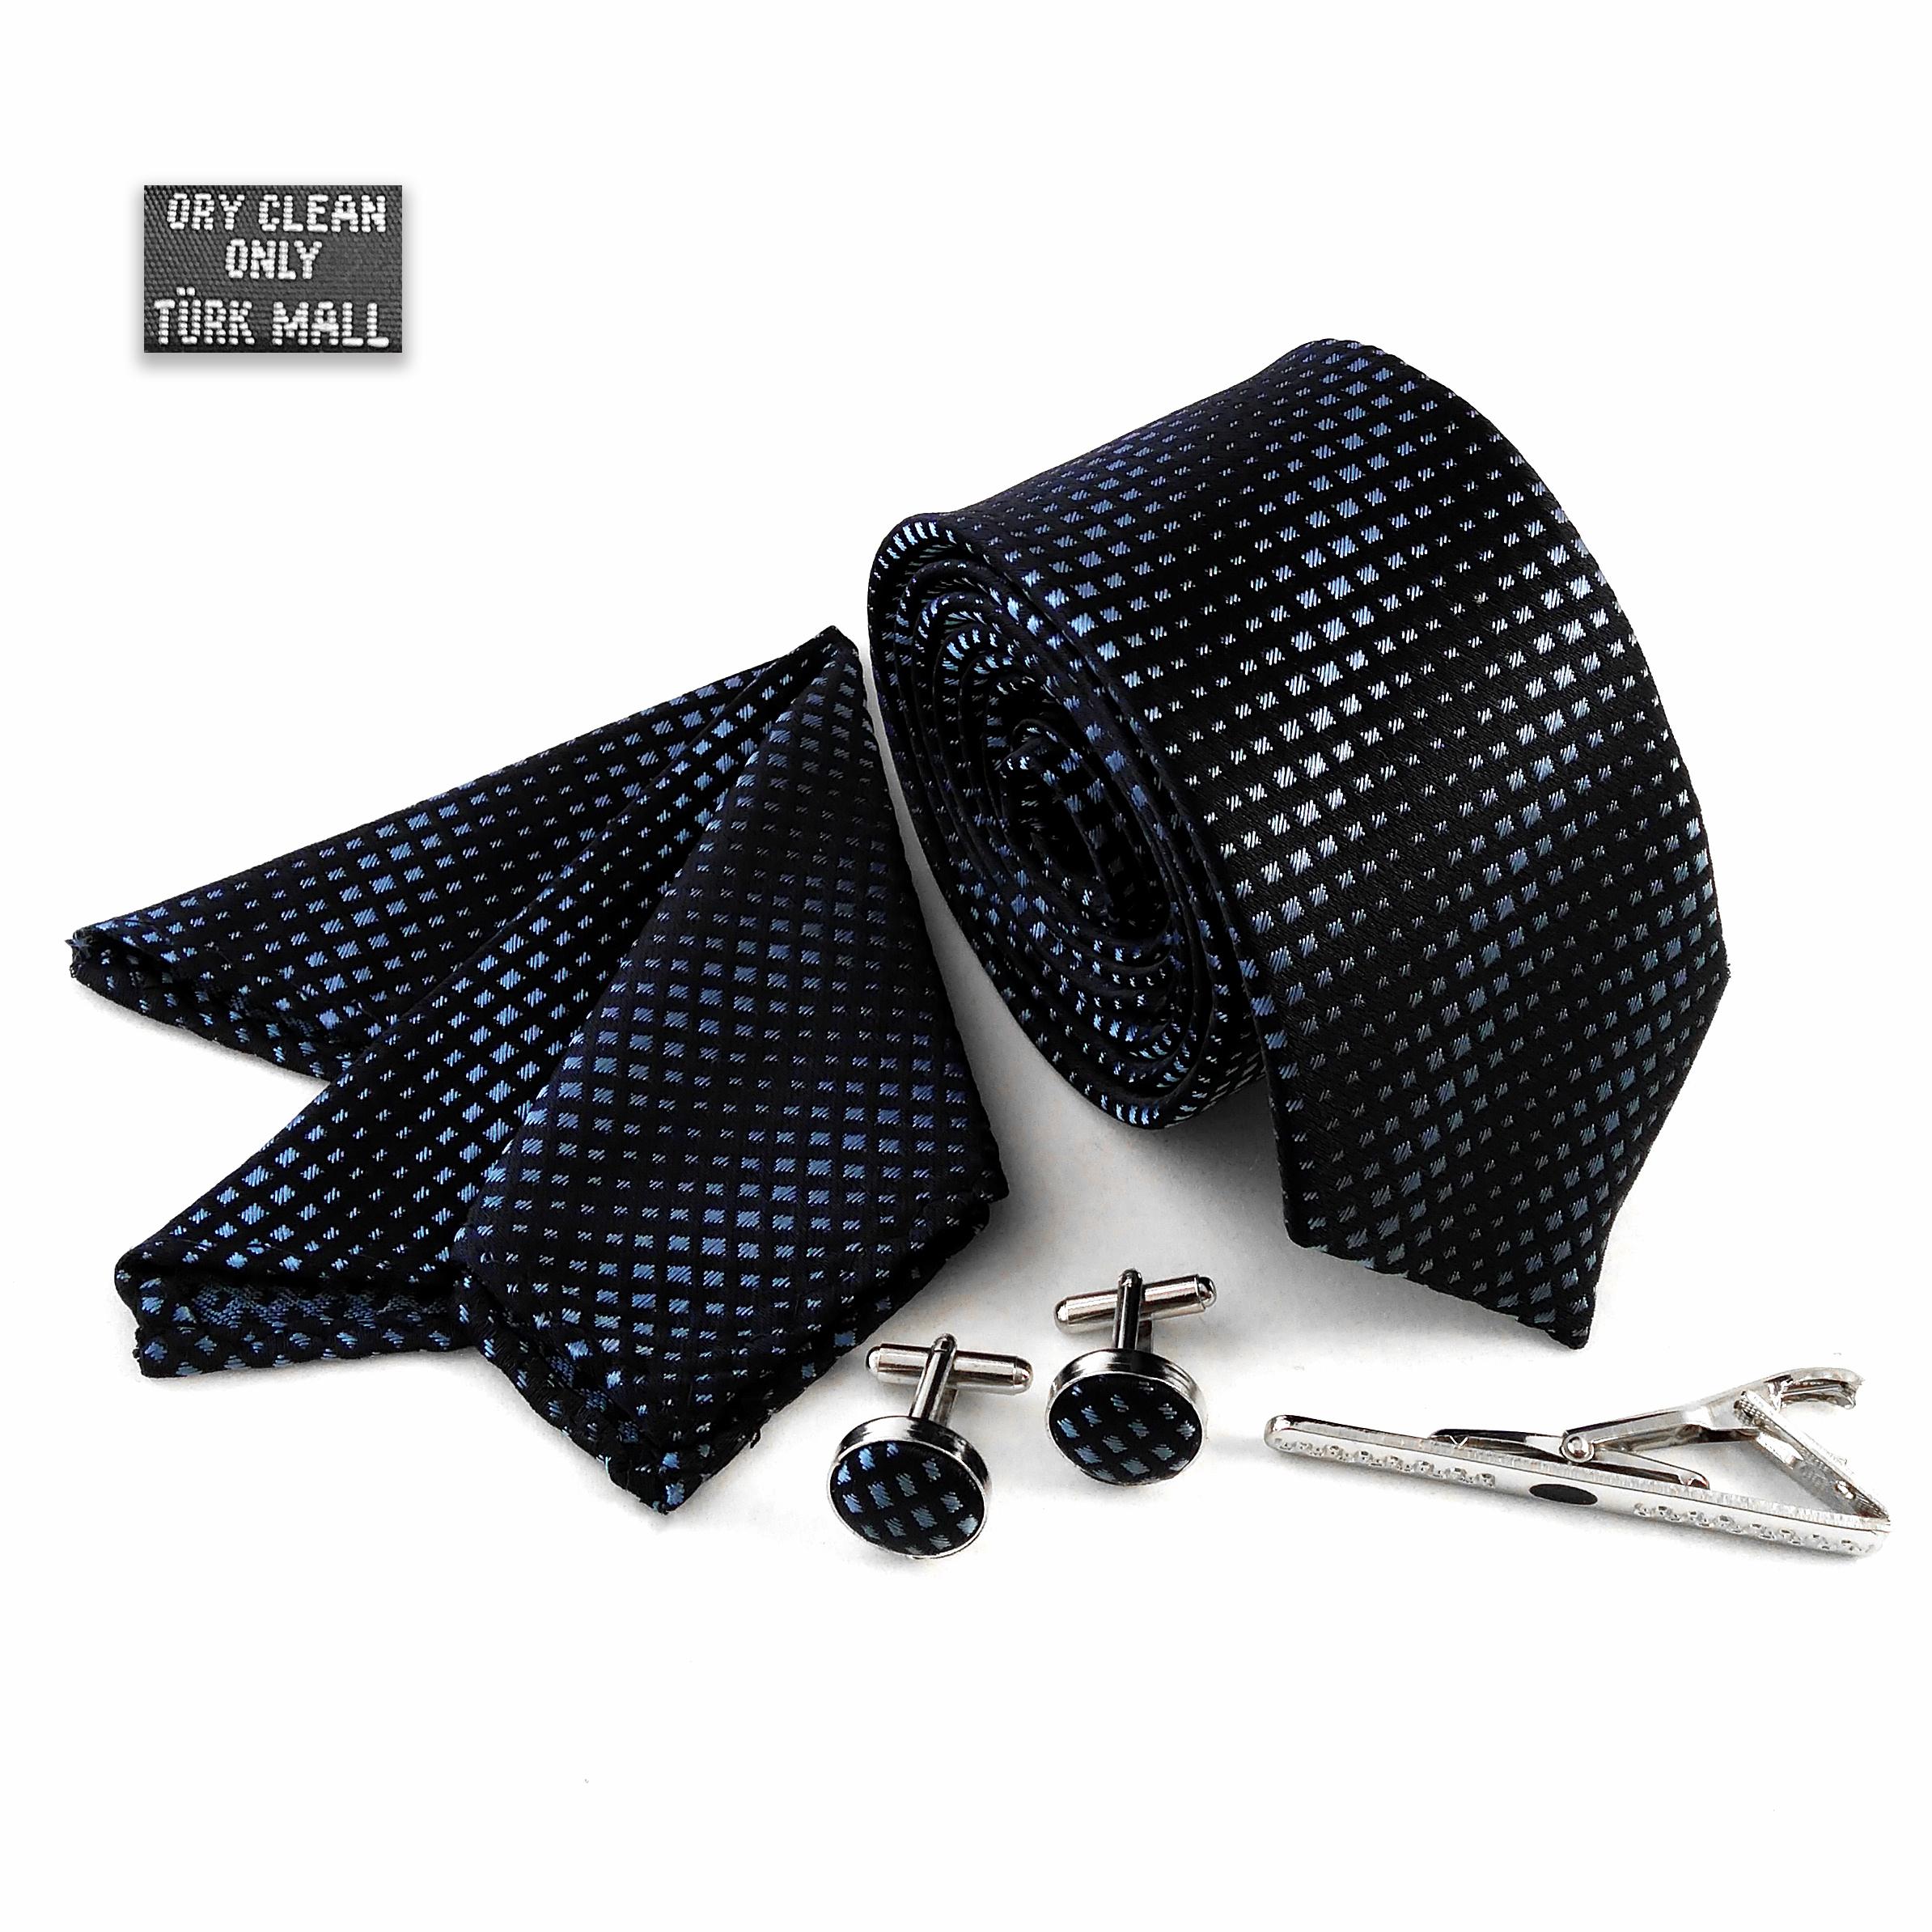 ست کراوات و دستمال جیب و دکمه سردست مردانه اکسون کد 389